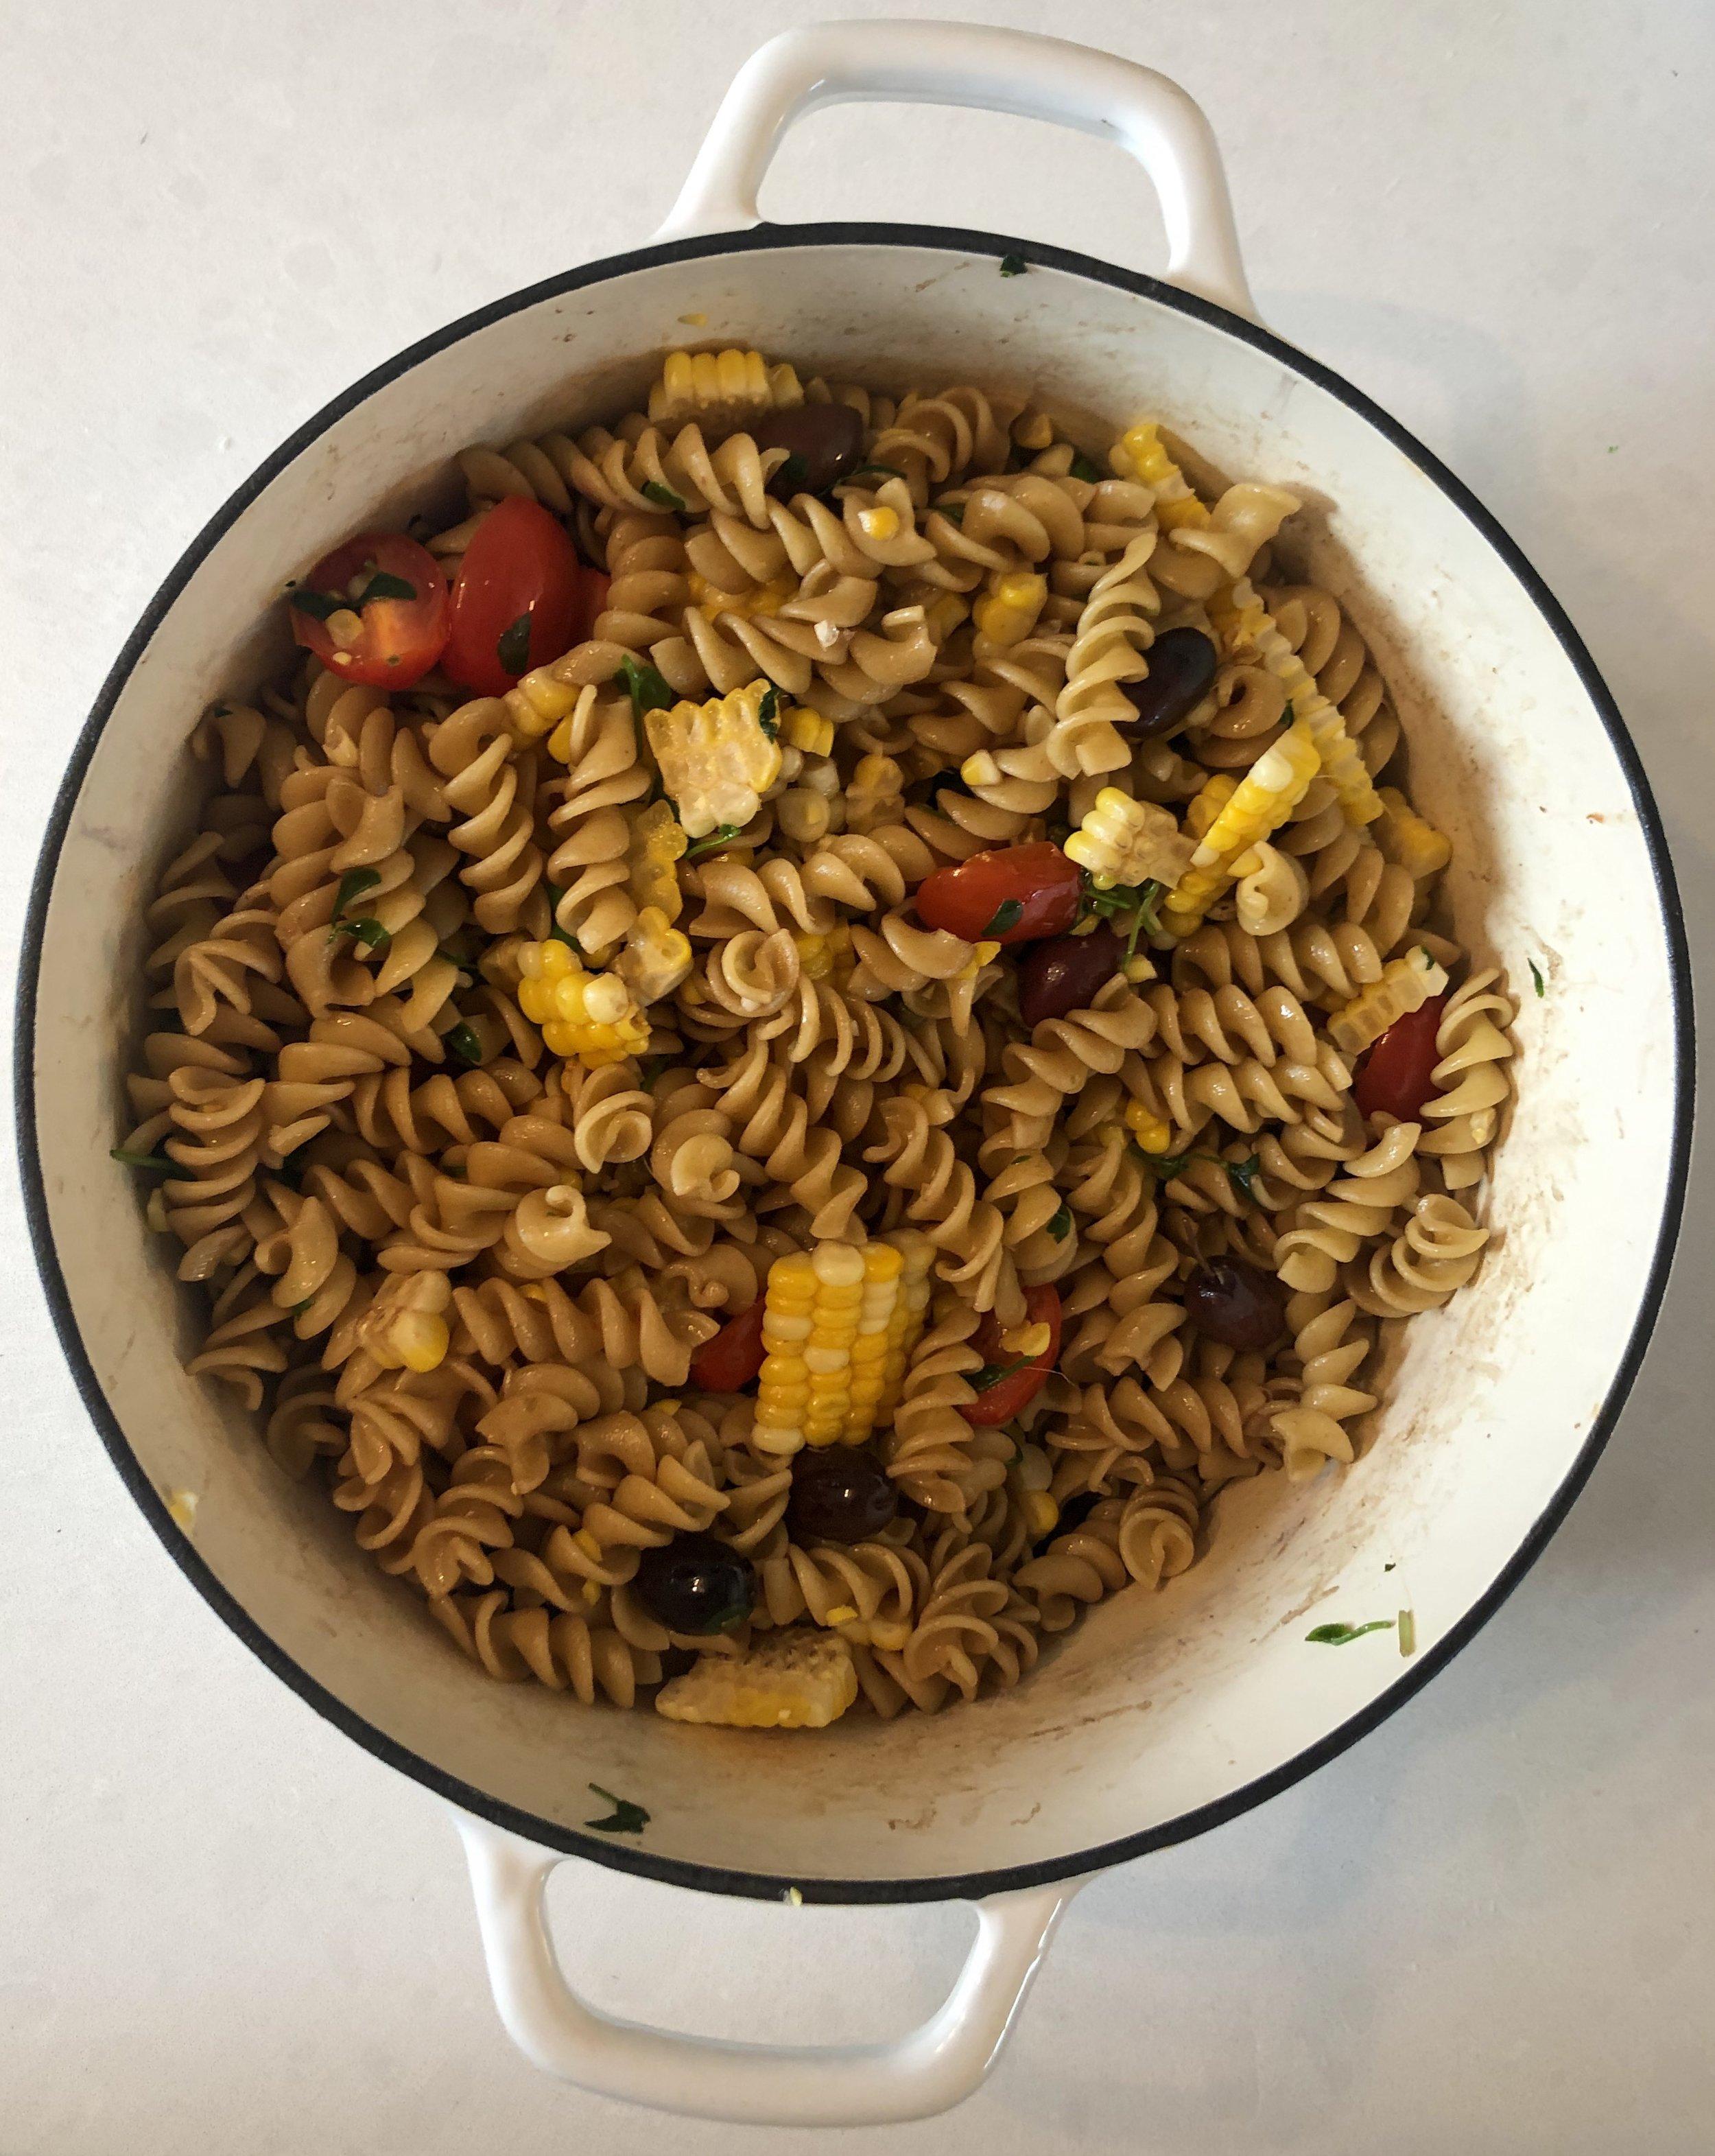 veggies + pasta